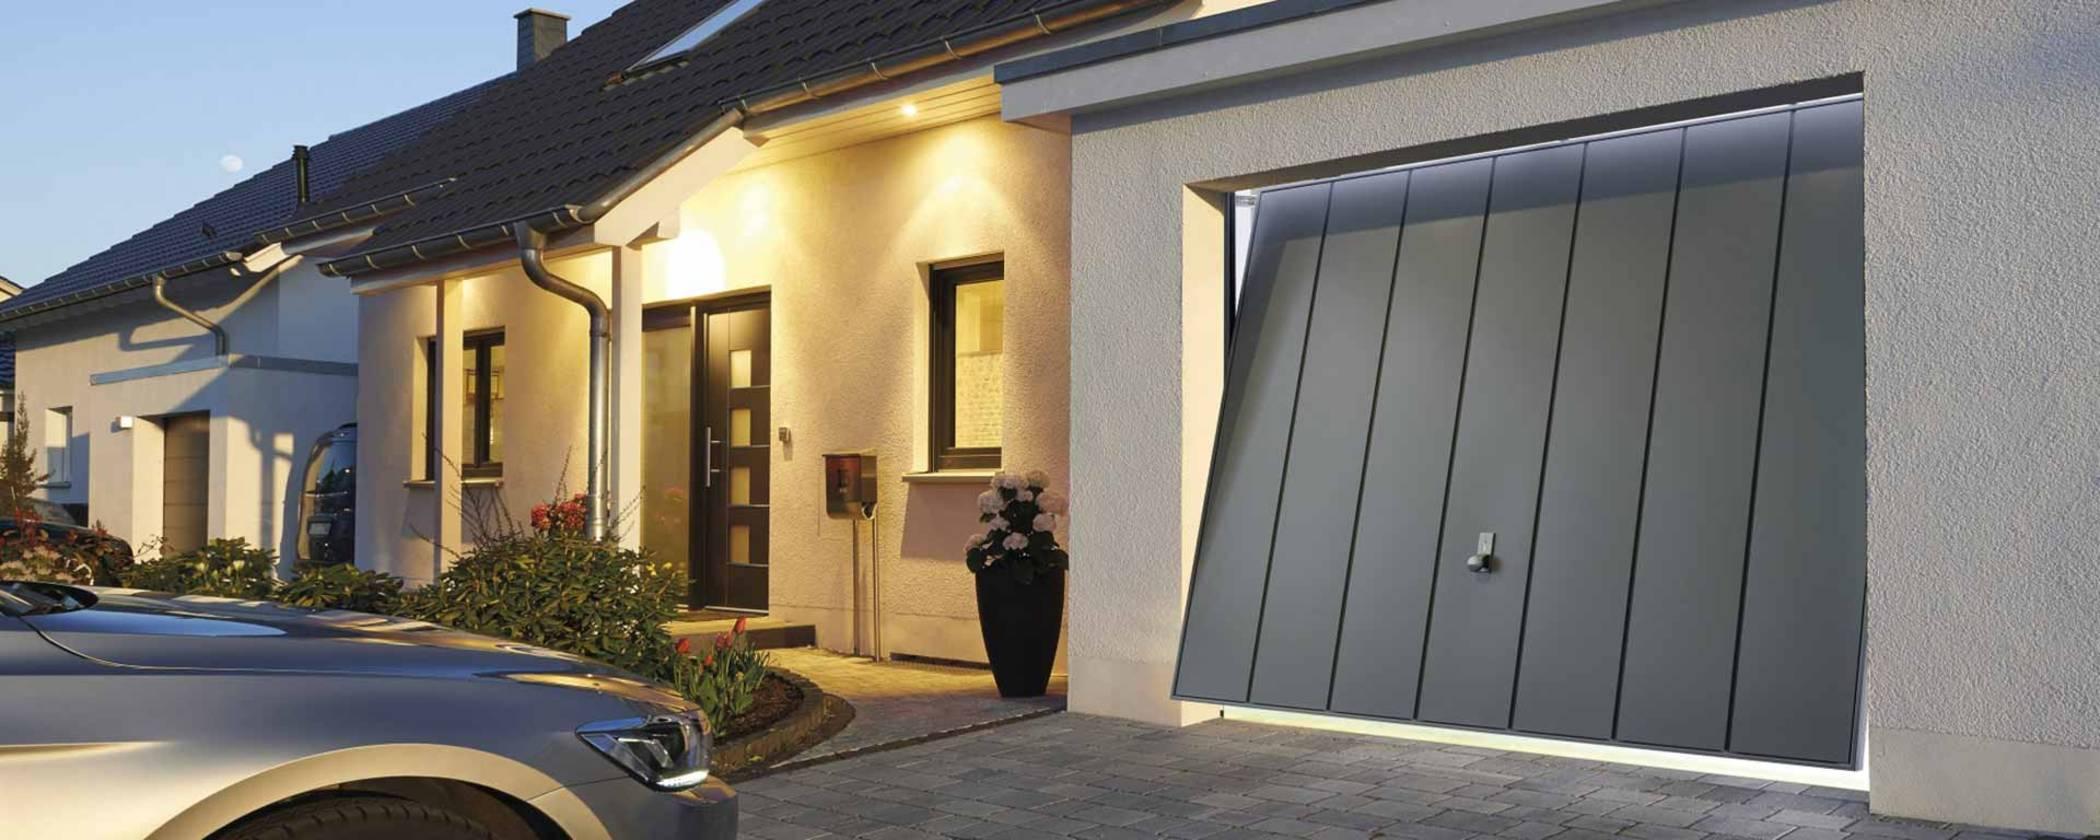 Bildquelle: www.hoermann.de